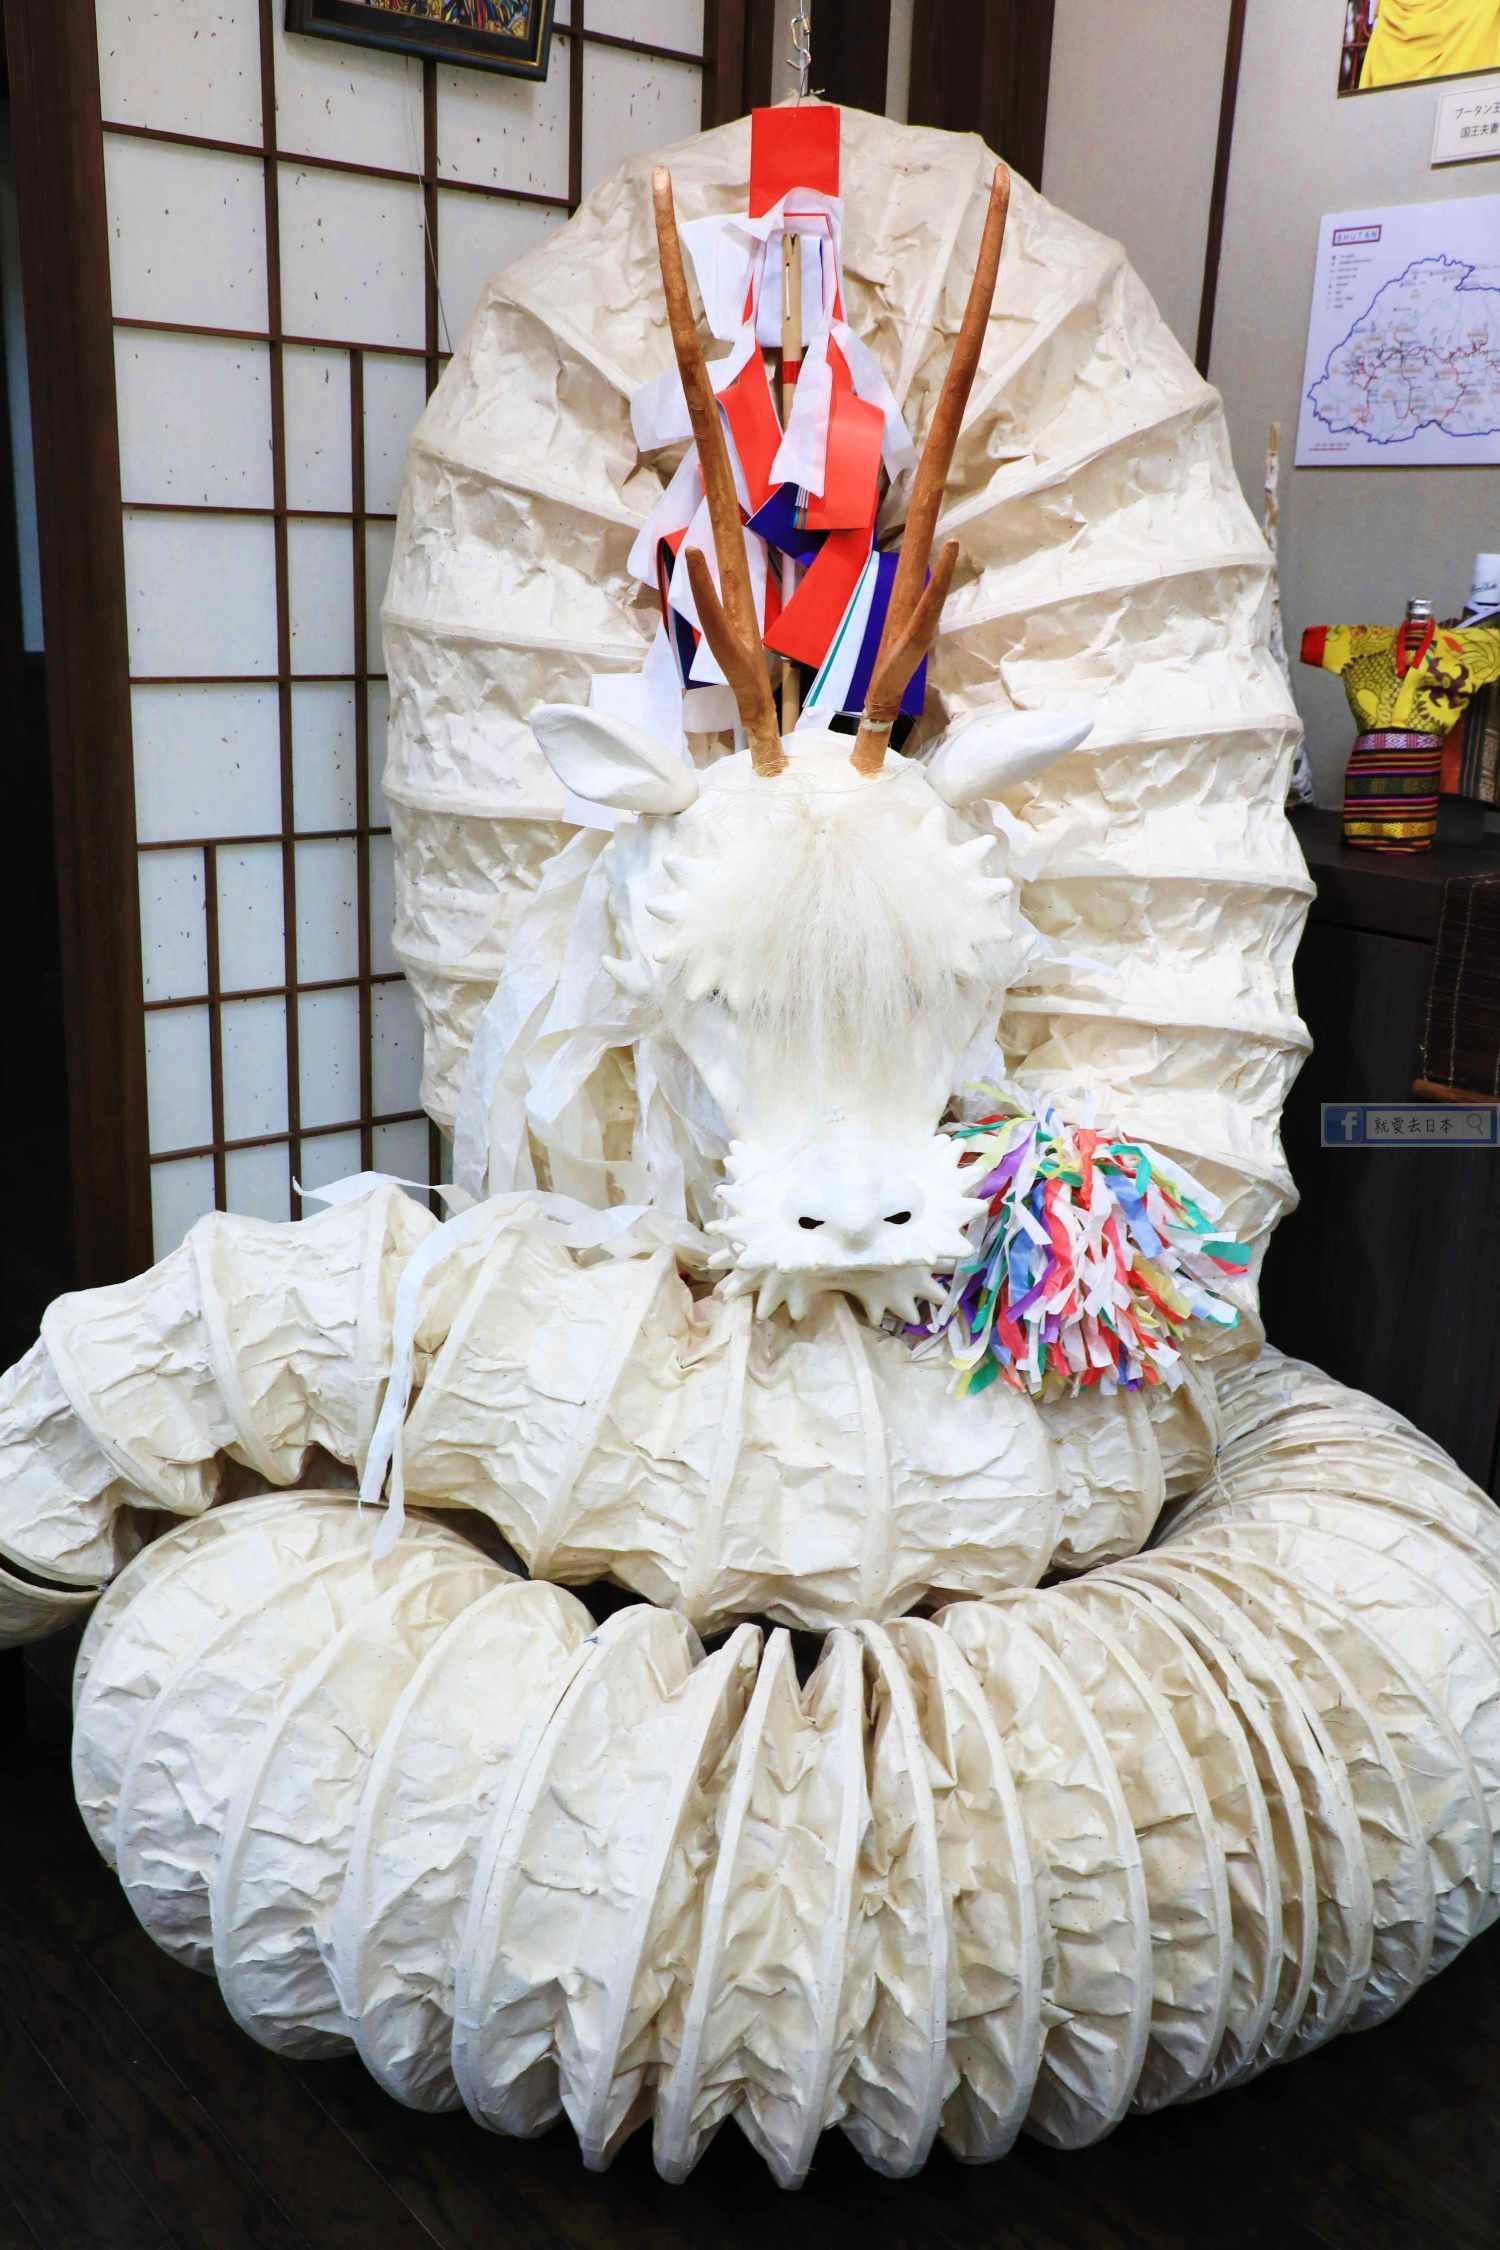 島根旅遊美食-手漉和紙體驗、義式霜淇淋人氣店:石州和紙會館、楓GELATO(Kaede Gelato) @右上的世界食旅